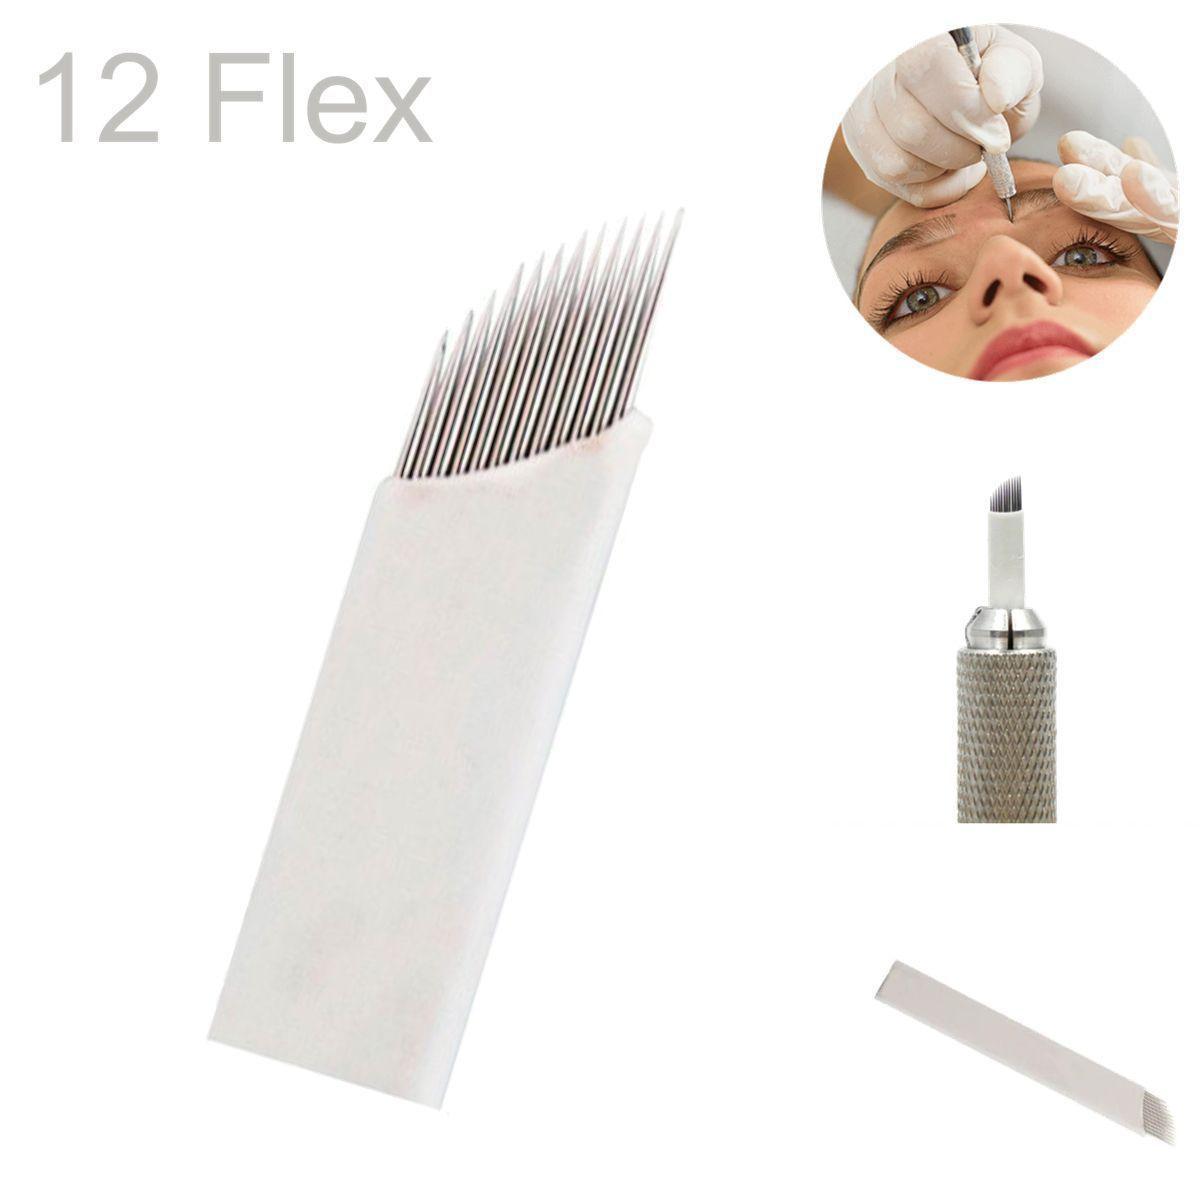 25 Unid Lamina 12 Flex Agulha Tebori Microblading Fio a Fio